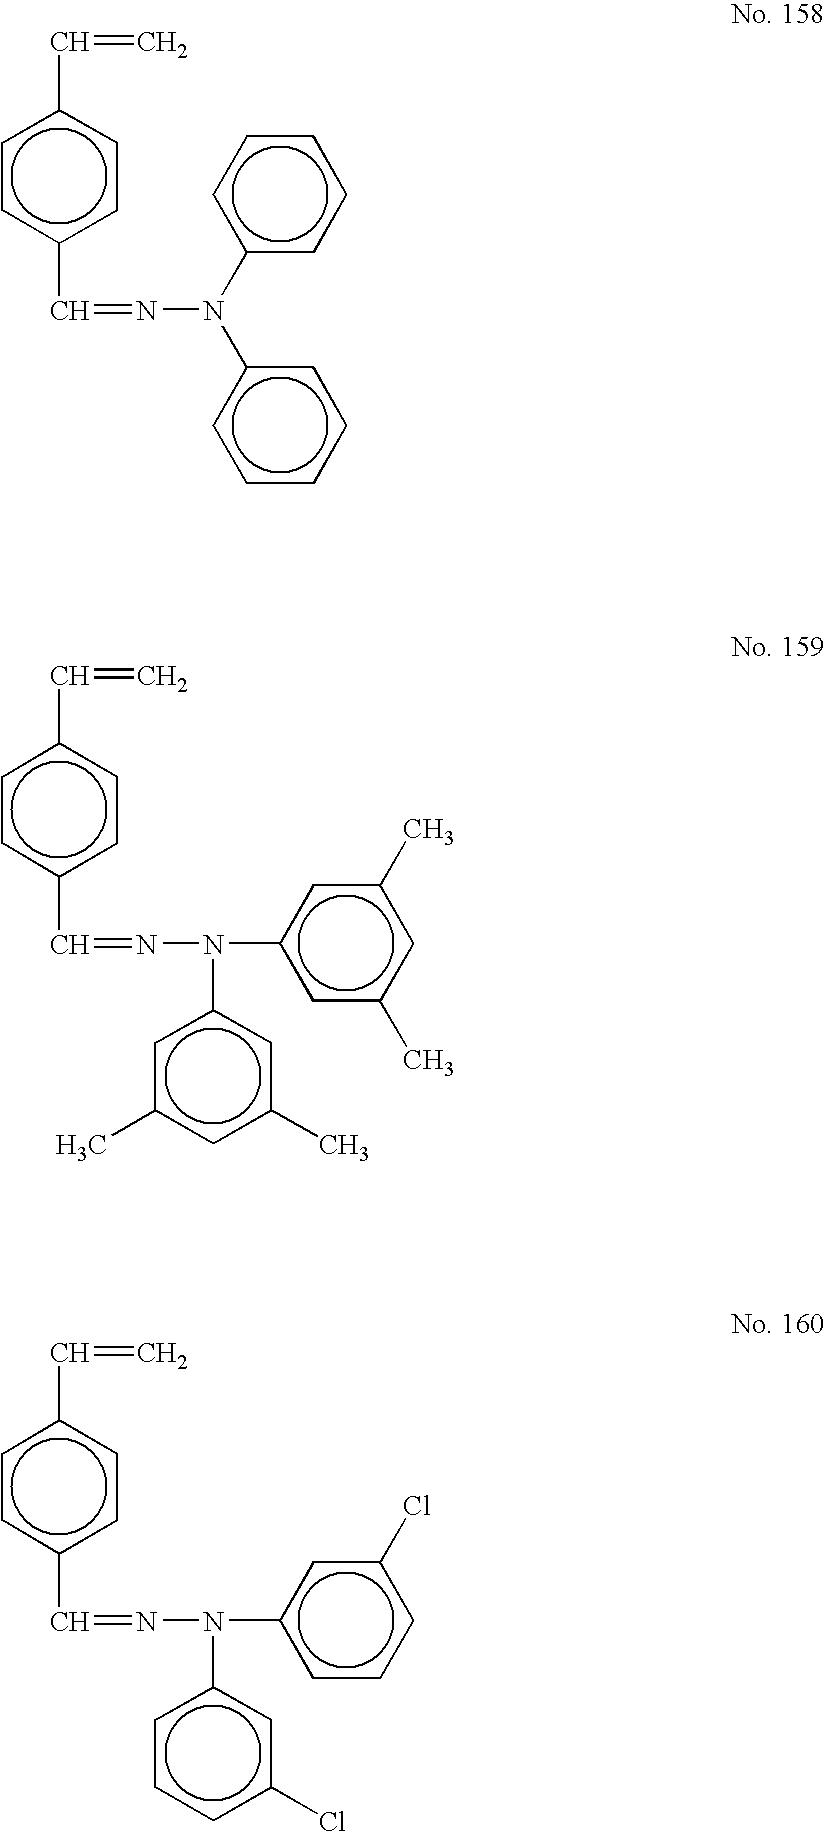 Figure US20040253527A1-20041216-C00066